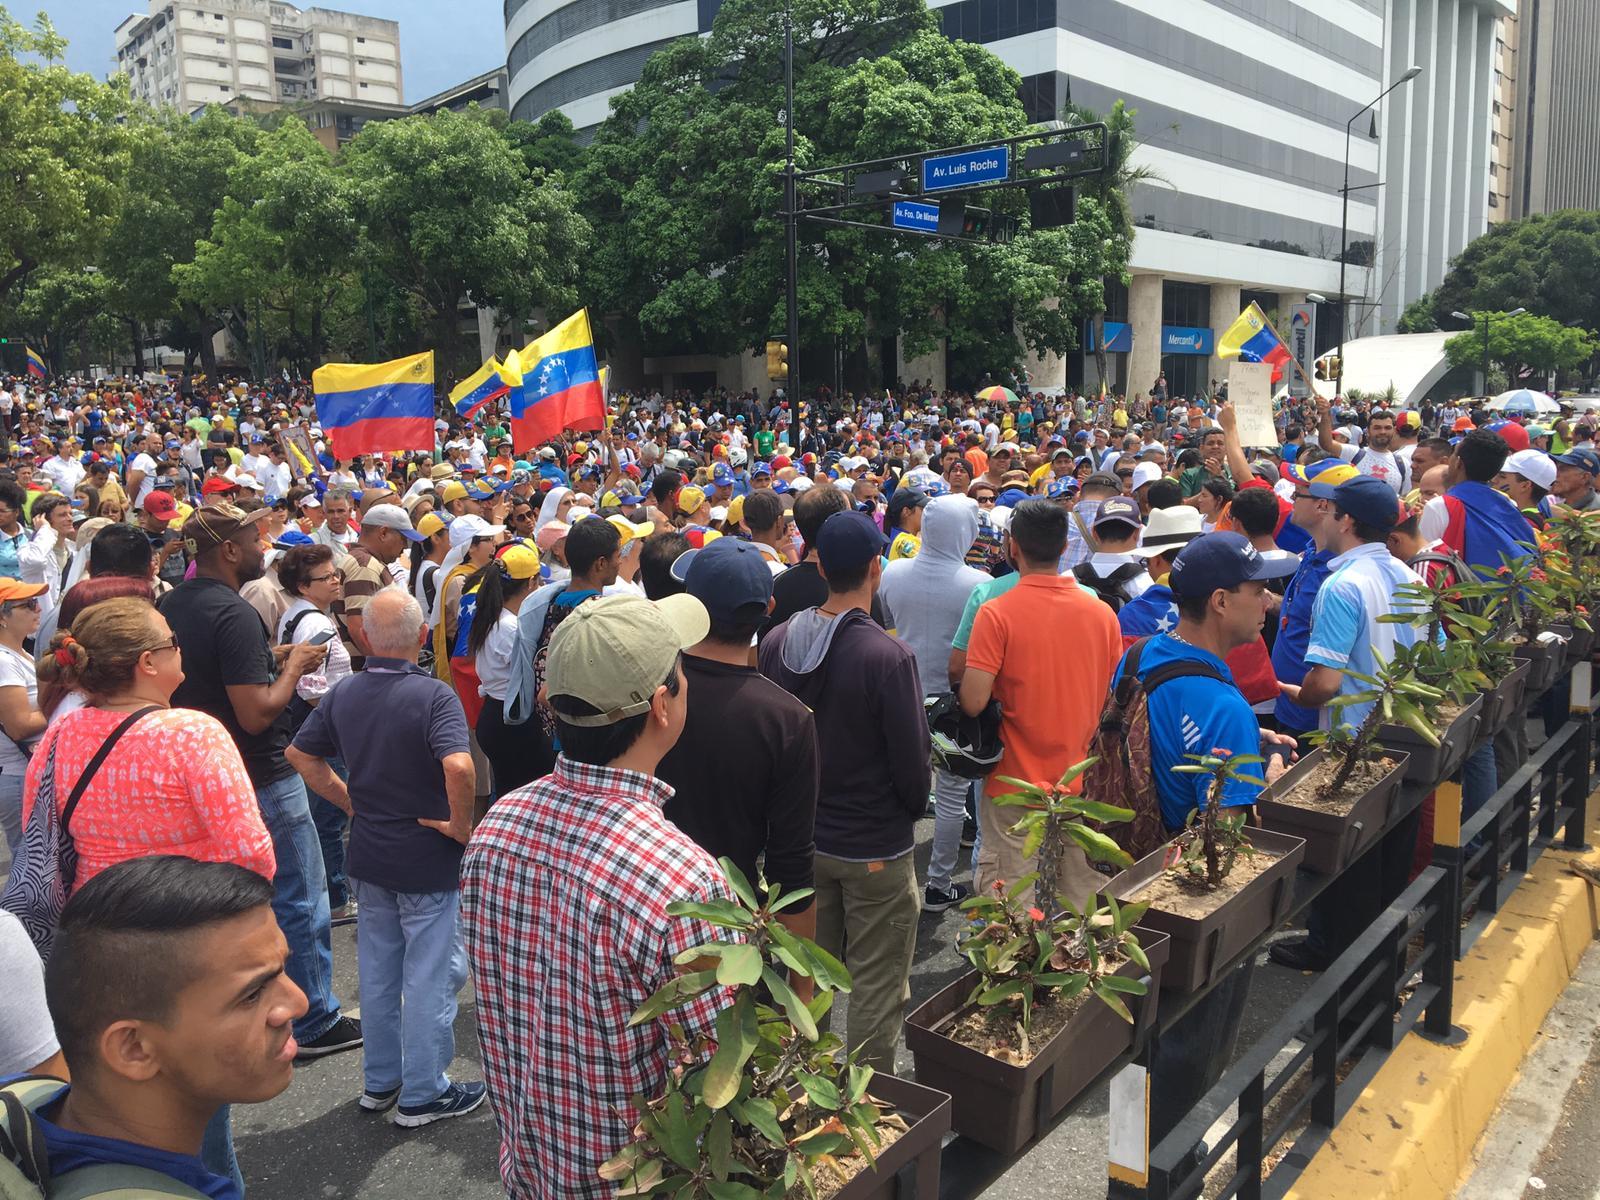 Altamira Square, Caracas